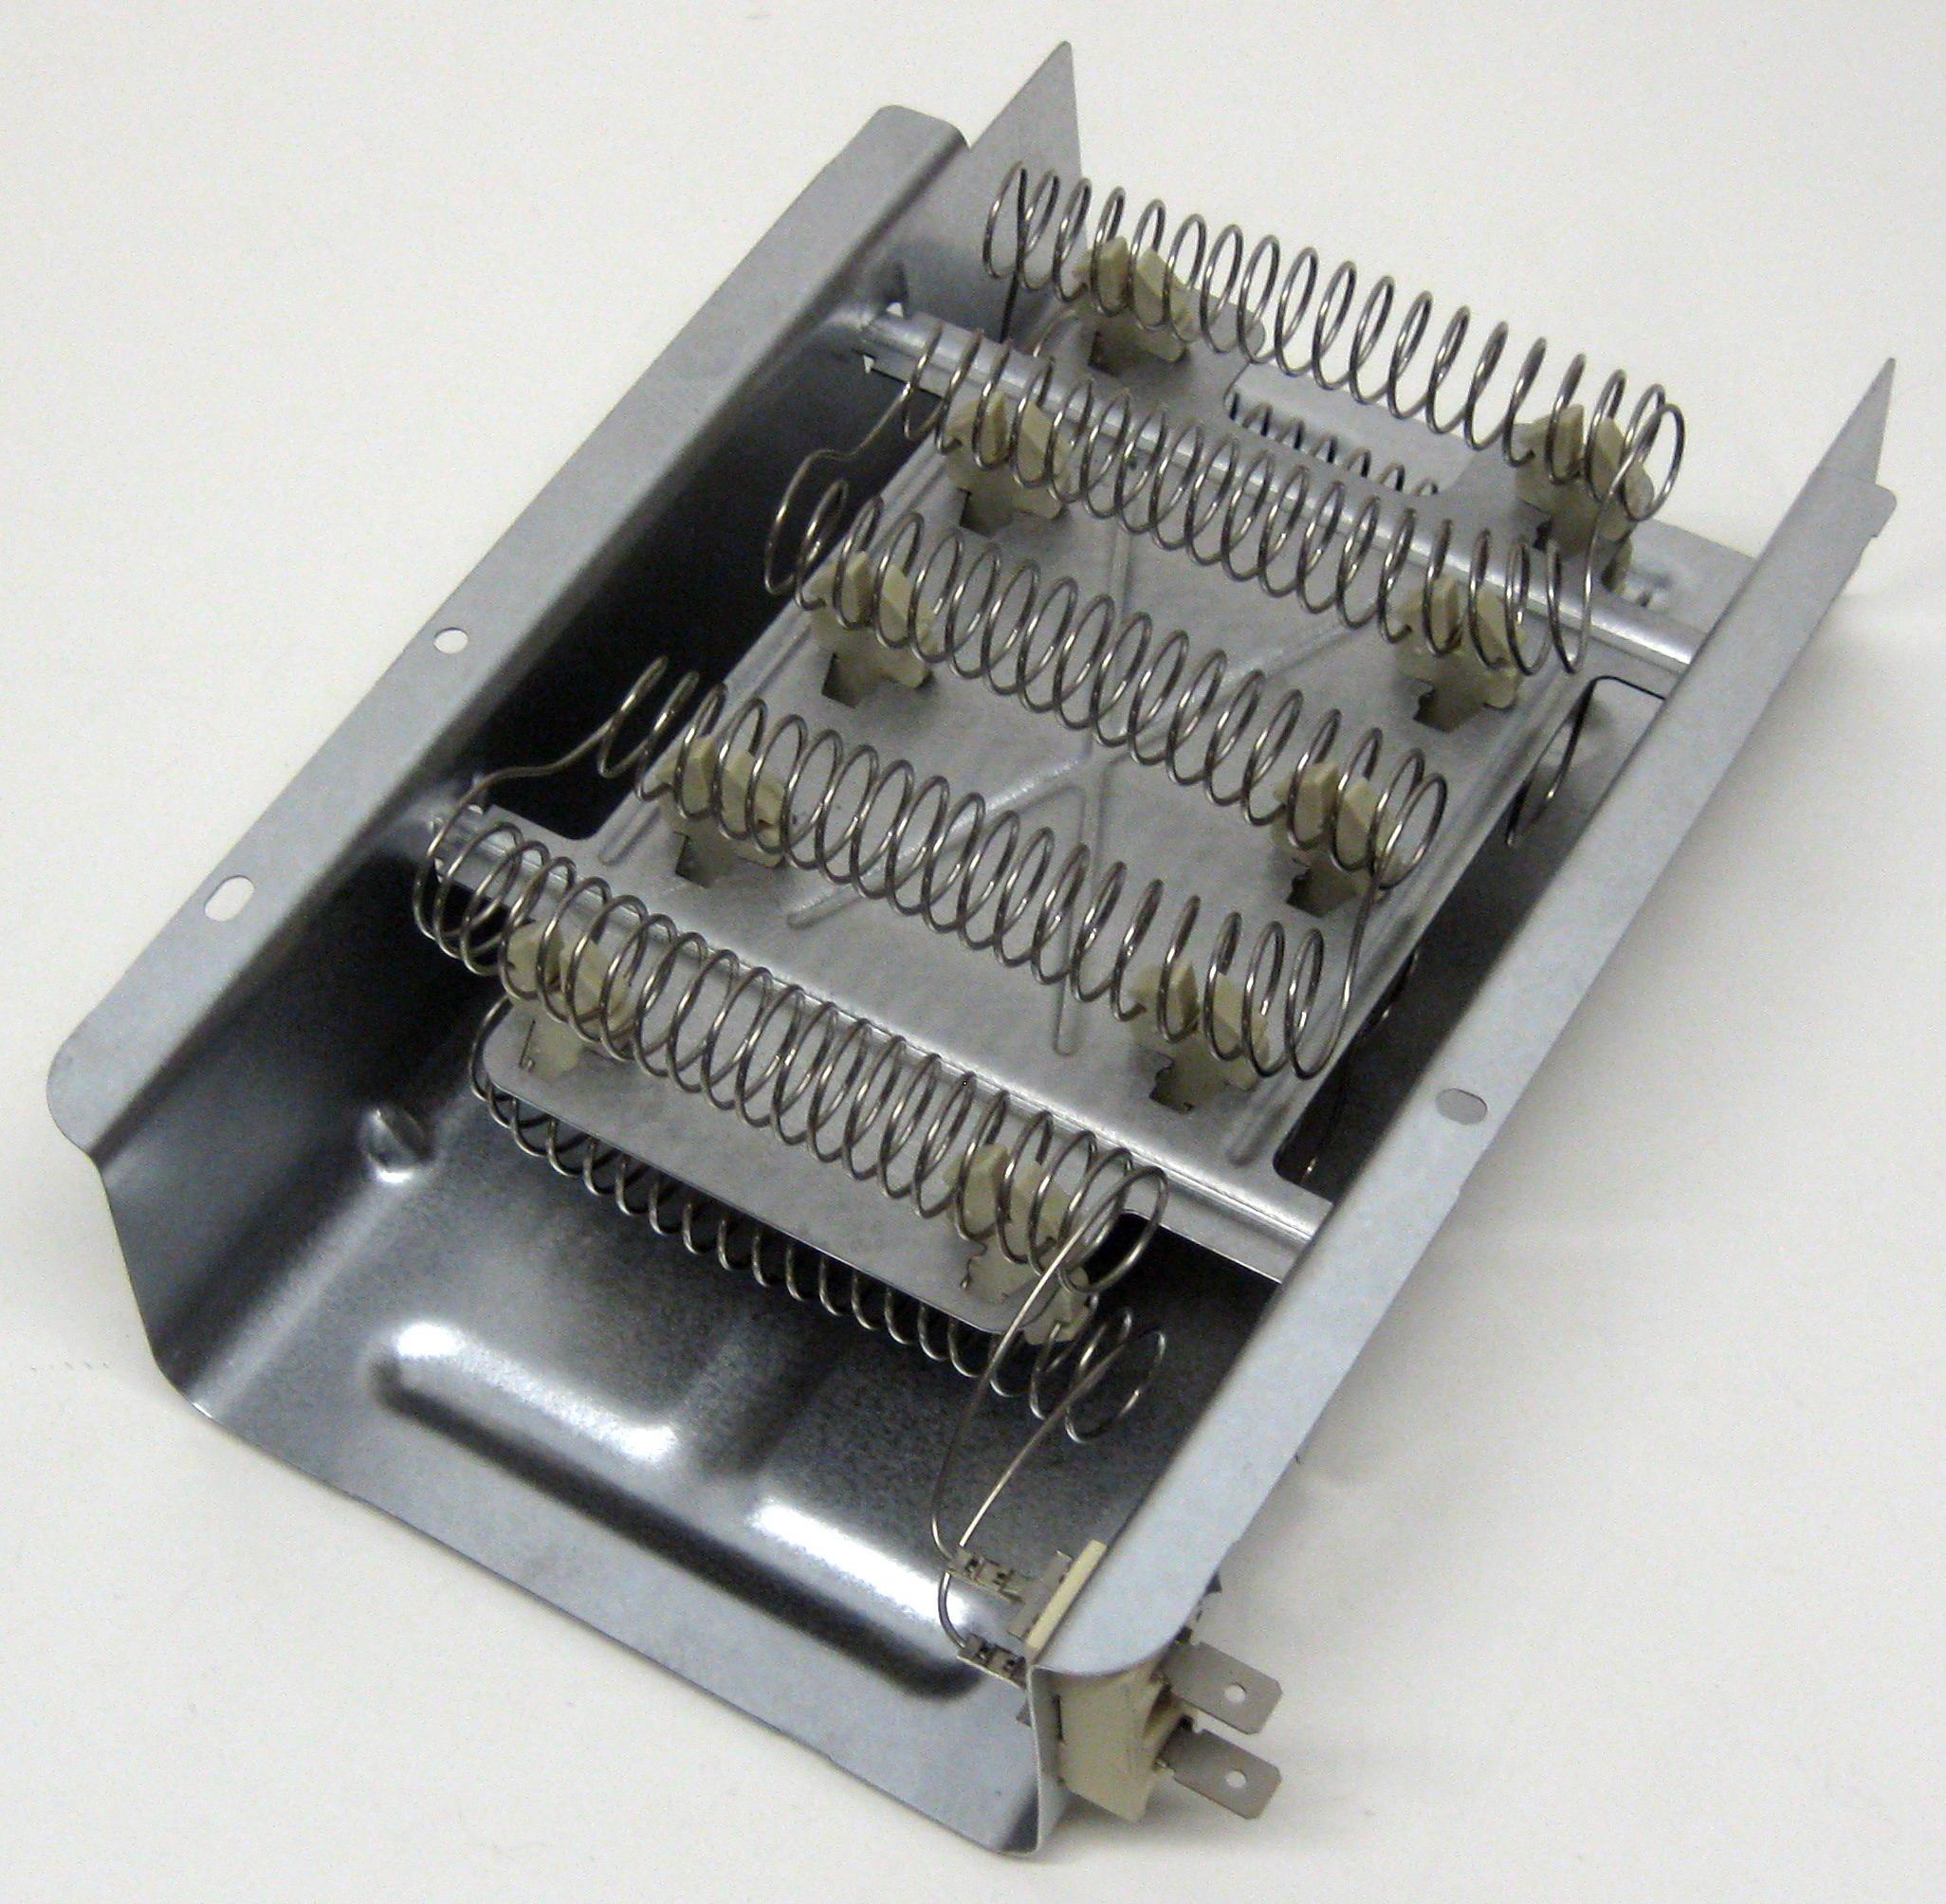 279838 For Whirlpool Roper Kirkland Dryer Heater Heating